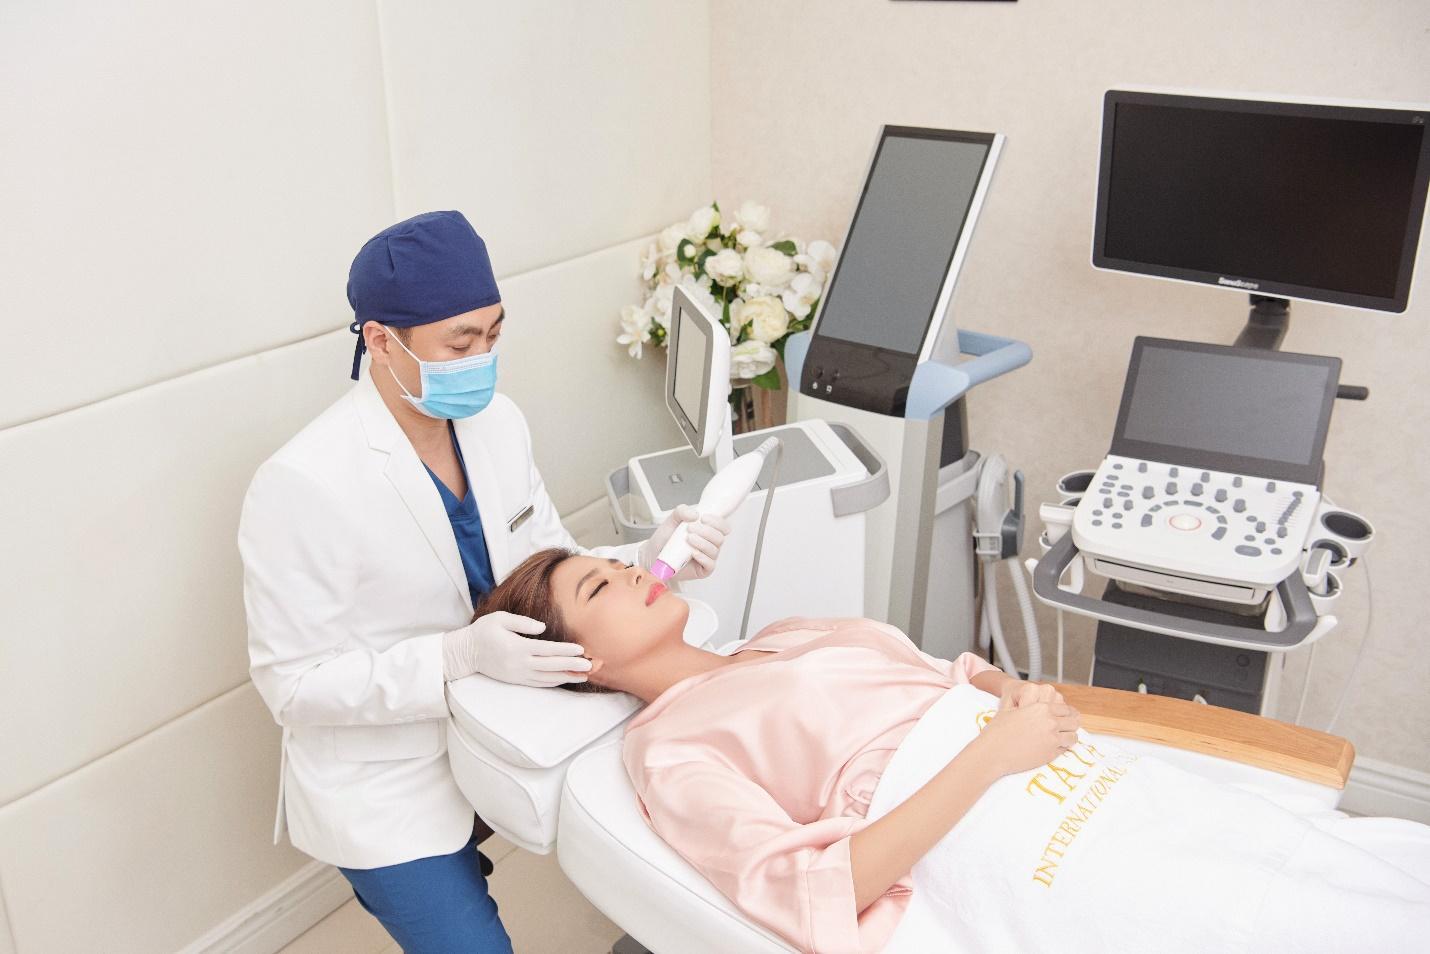 TATA International Clinic - Chương trình ưu đãi hấp dẫn cho phái đẹp - Ảnh 3